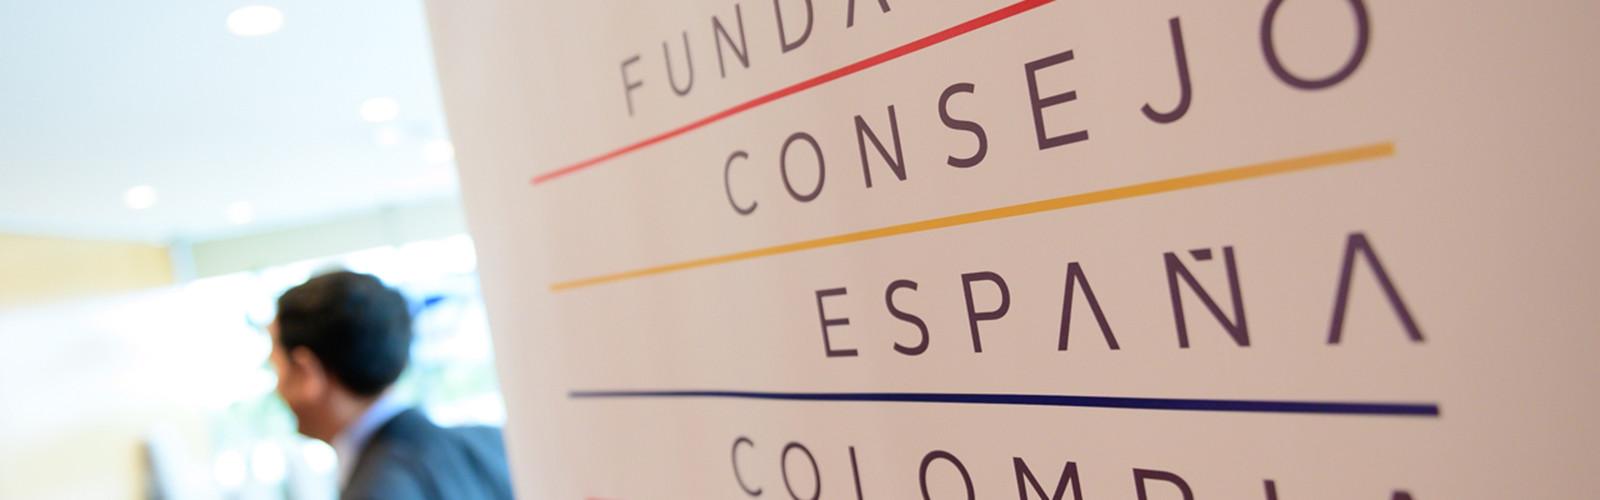 Reunión del patronato de la Fundación Consejo España-Colombia